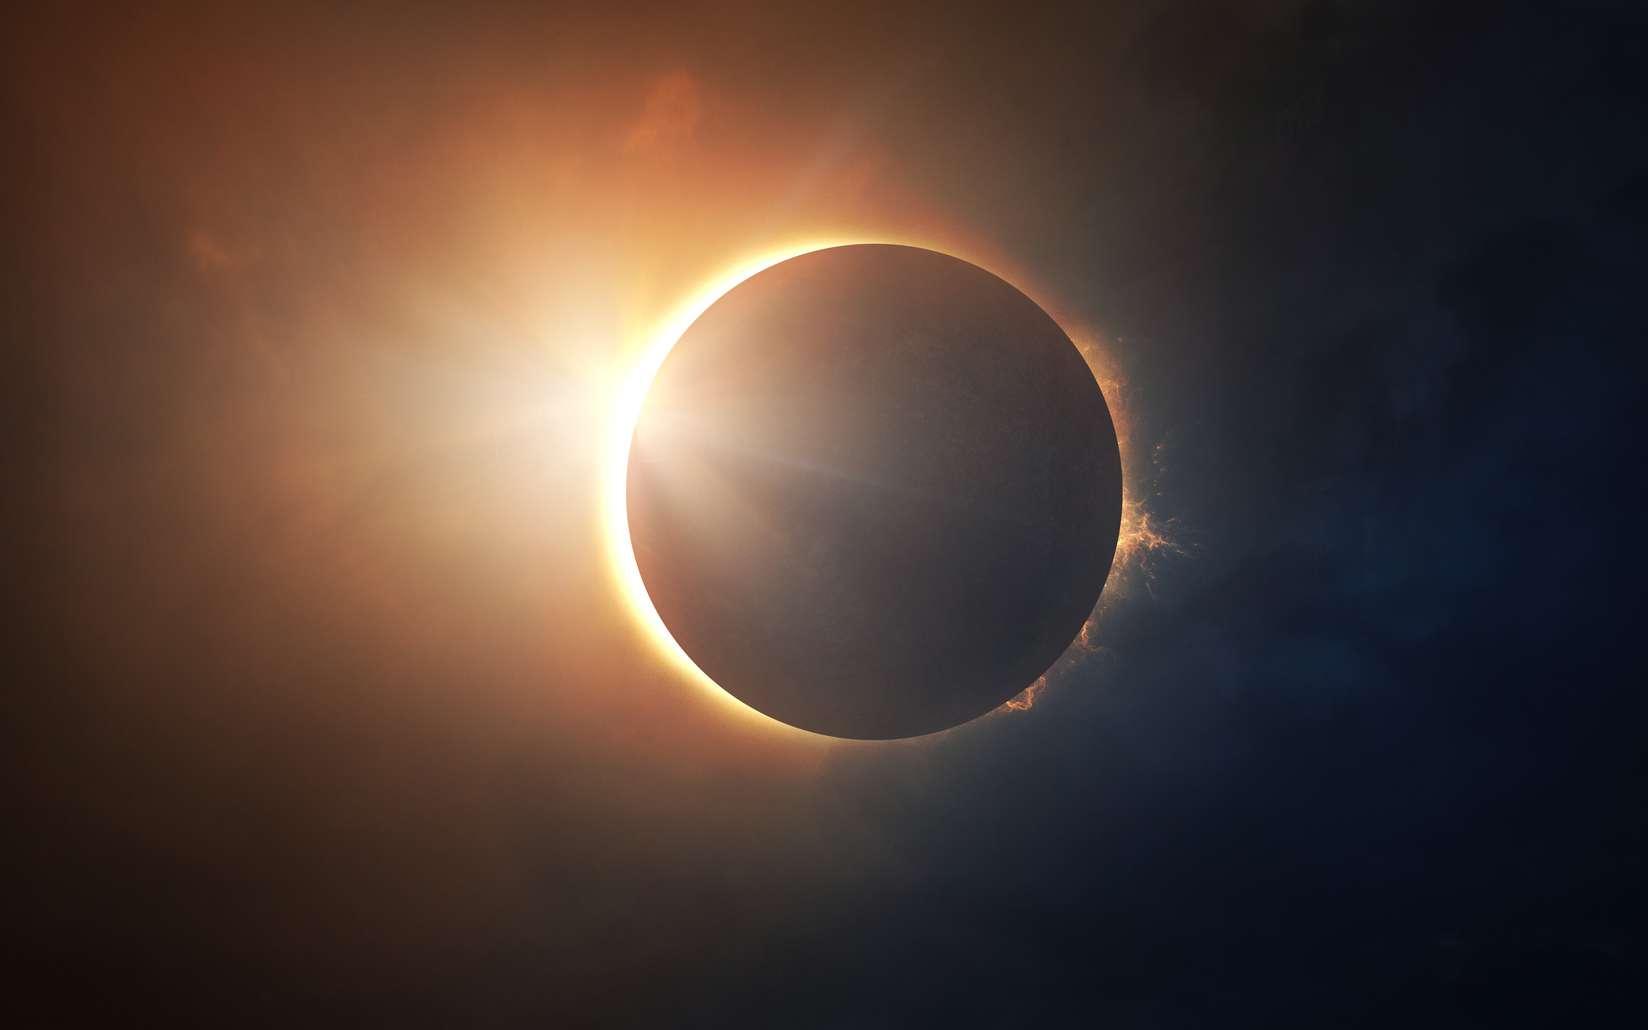 Qu'est-ce qu'une éclipse de Soleil ? © kevron2001, fotolia